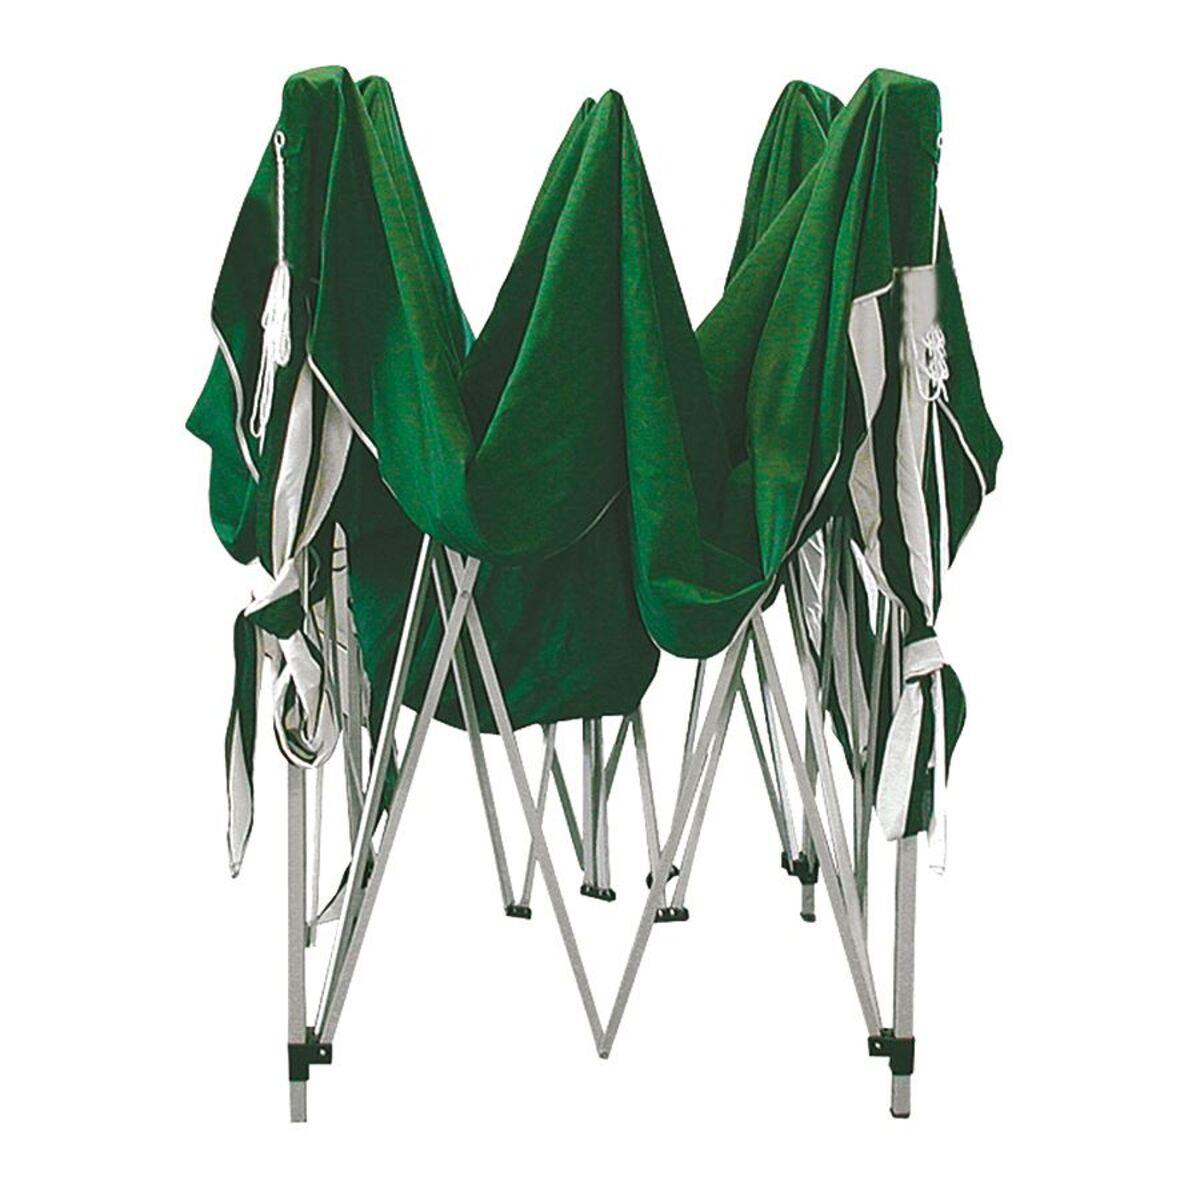 Bild 3 von Ruck-Zuck Alu-Pavillon Grün